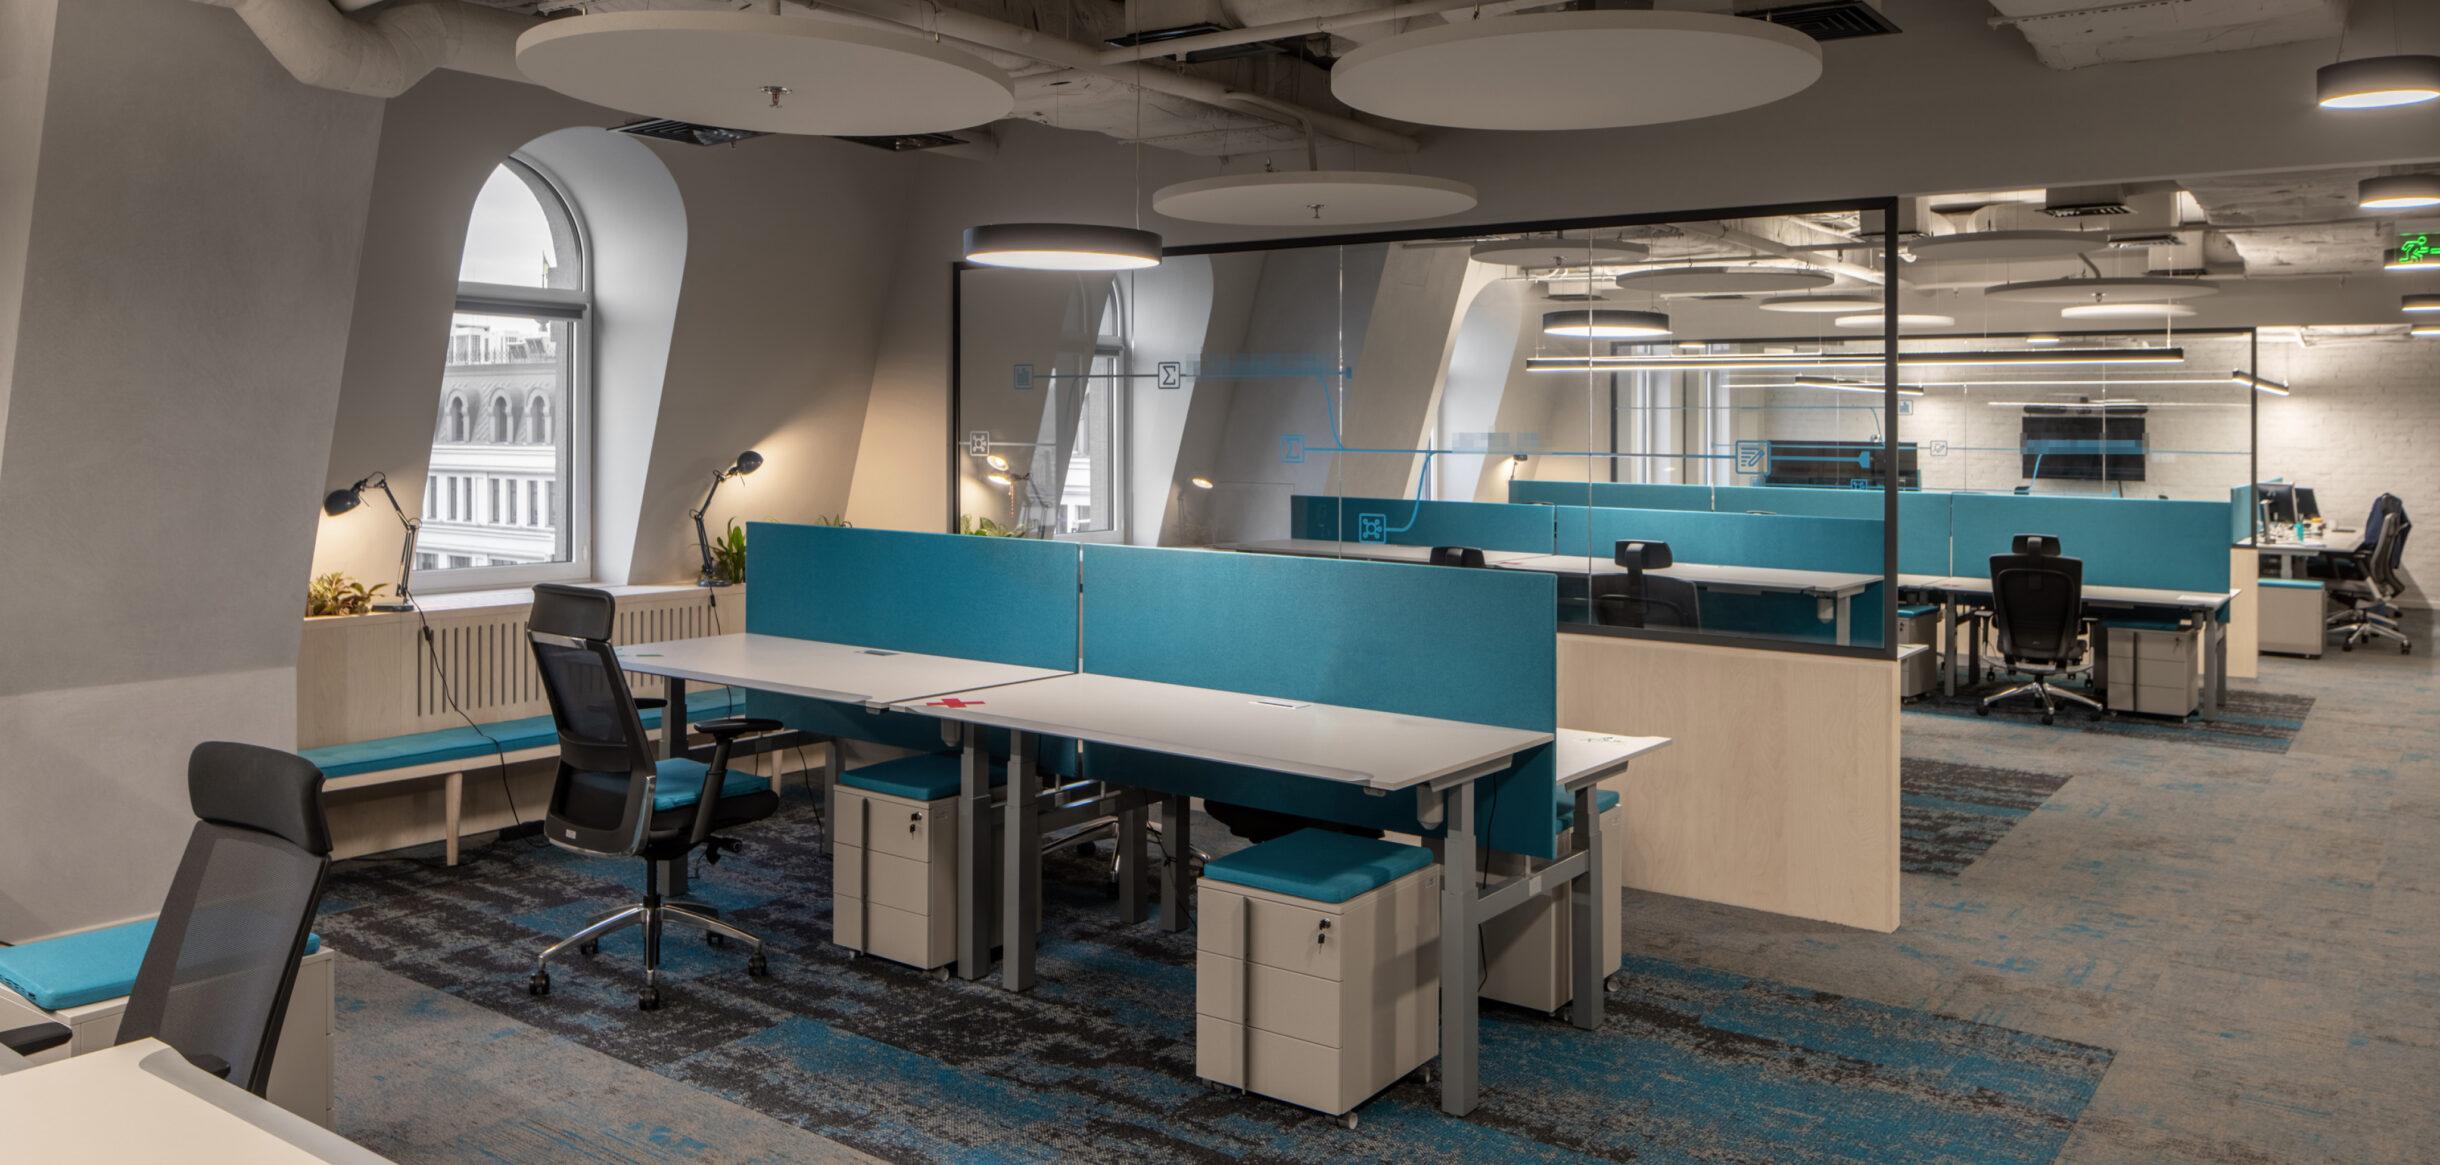 Alteryx Office